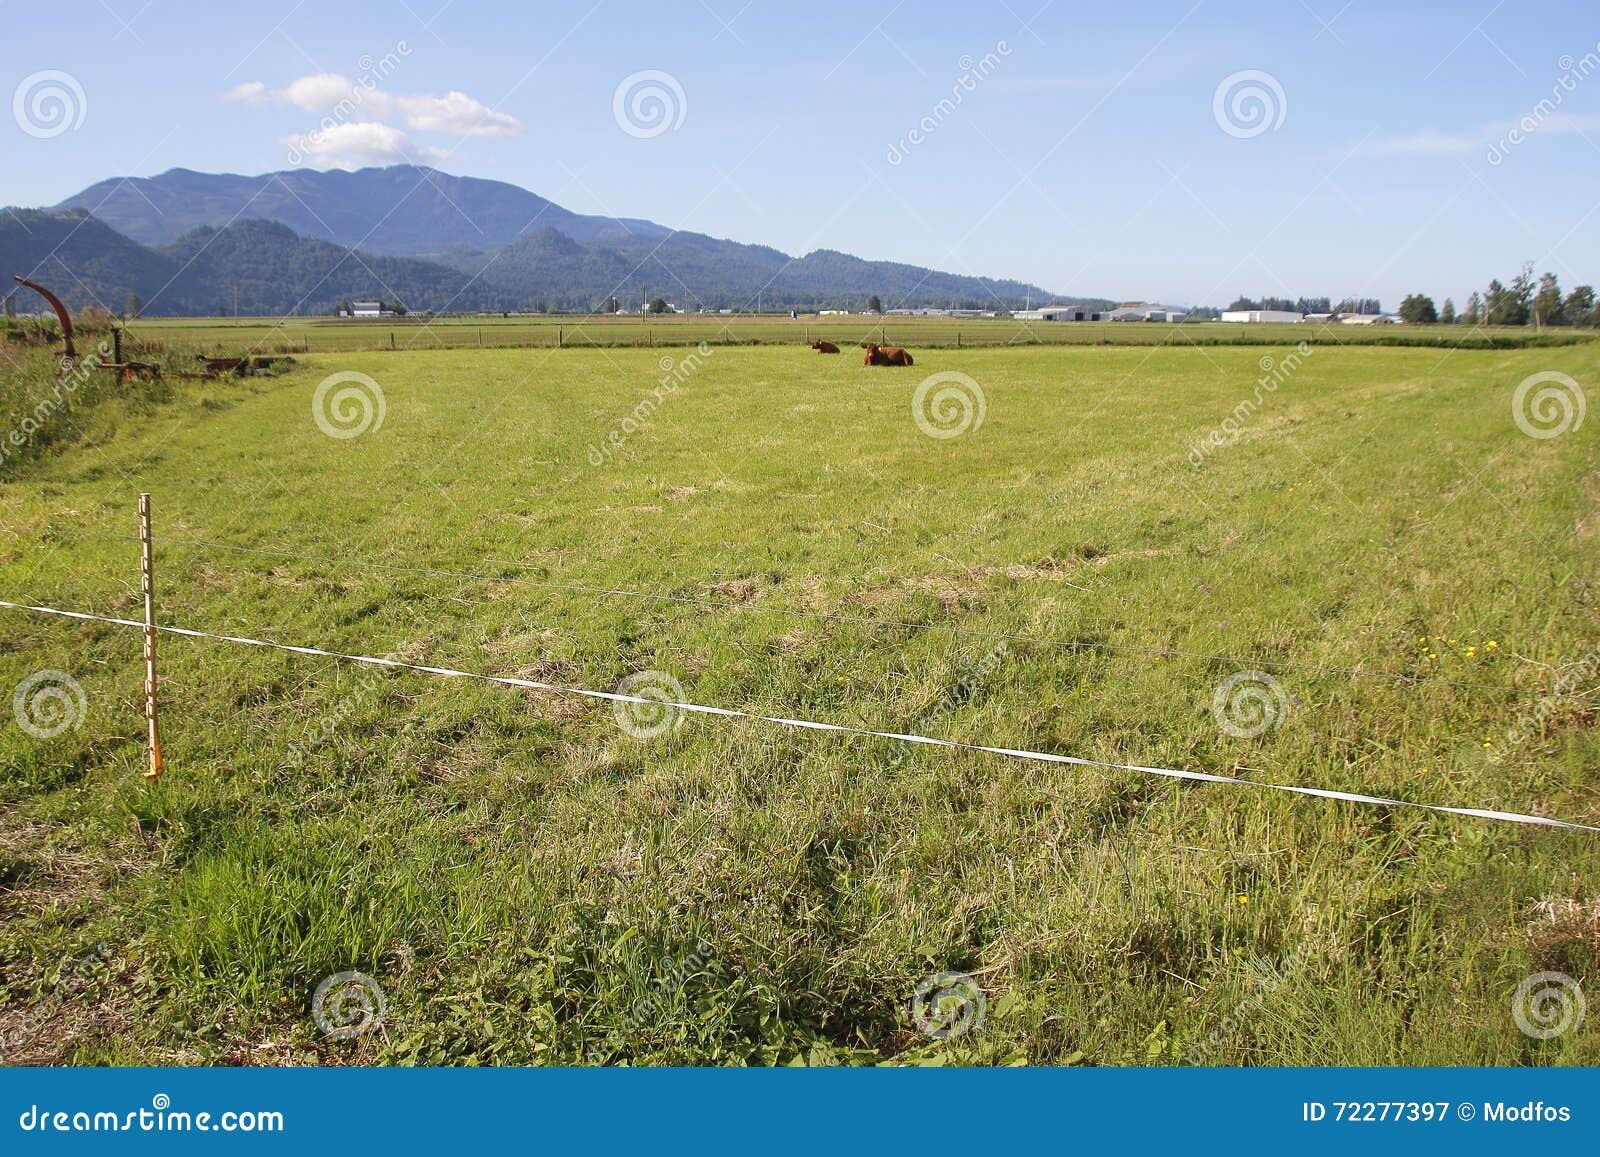 Download Простая электрическая загородка для поголовья Стоковое Изображение - изображение насчитывающей boris, легко: 72277397